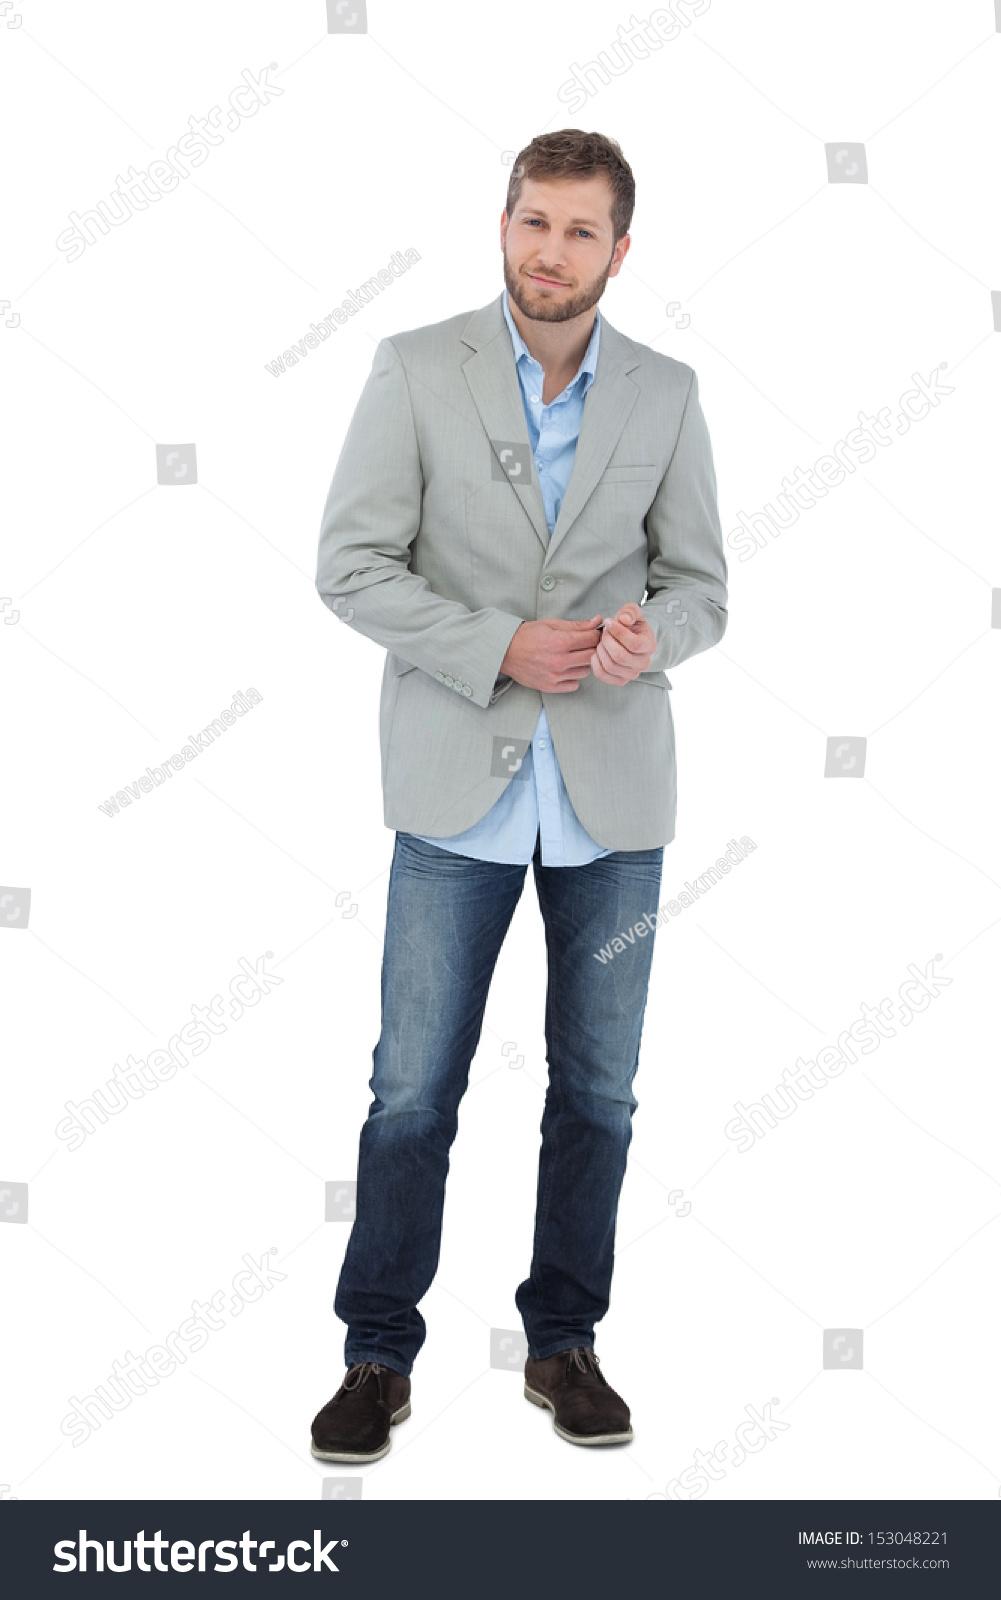 Suave Man Blazer Posing On White Stock Photo Edit Now 153048221 1001x1600